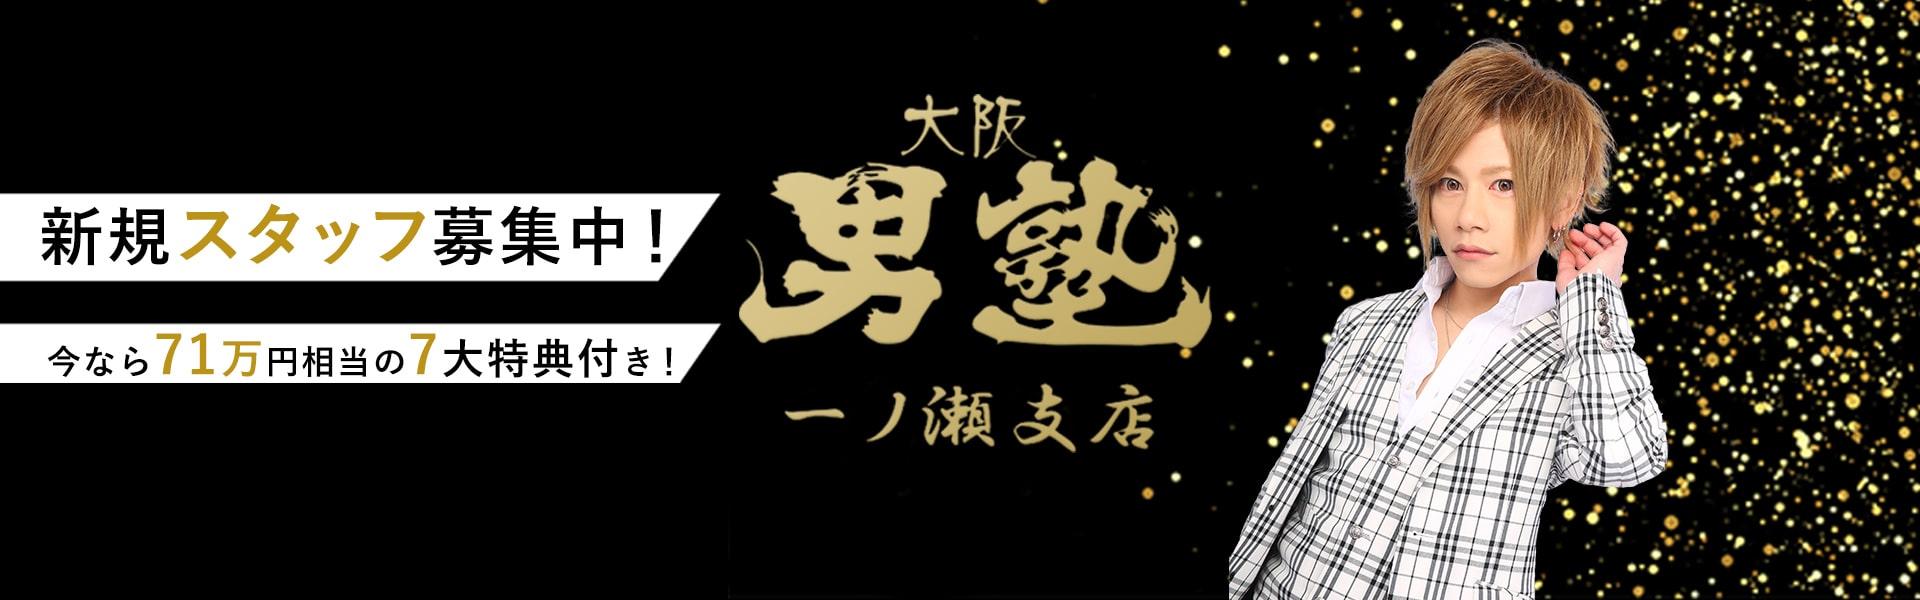 一ノ瀬支店新規スタッフ募集中!